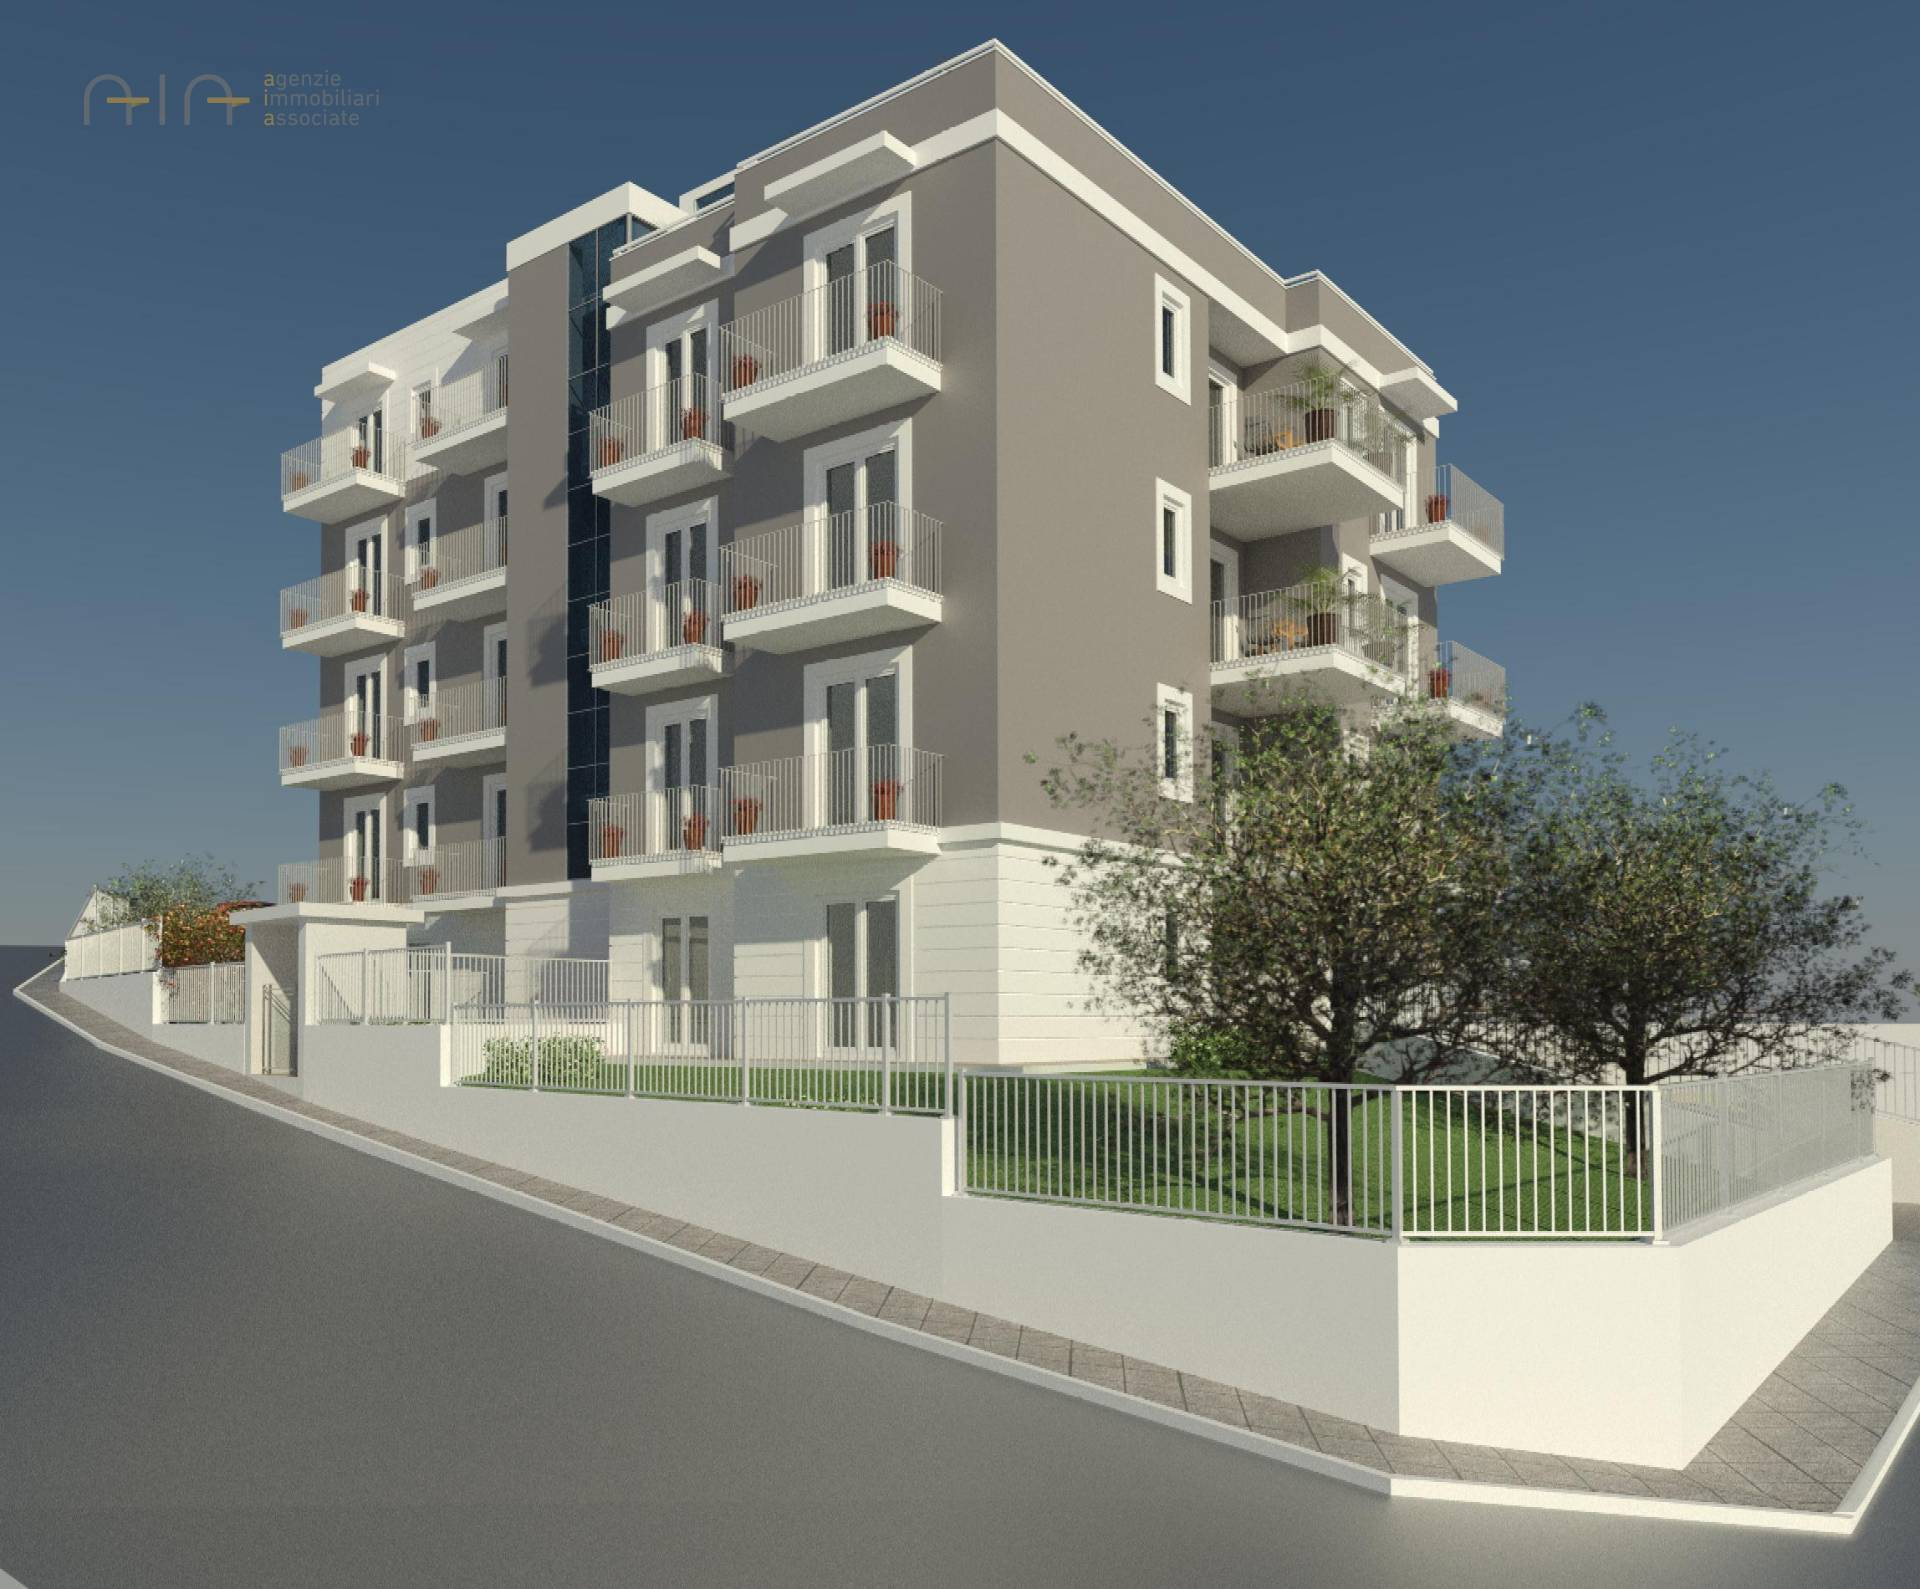 Appartamento in vendita a Grottammare, 3 locali, zona Località: Residenzialenord(sopraLass16,anorddelTesino, prezzo € 190.000 | CambioCasa.it